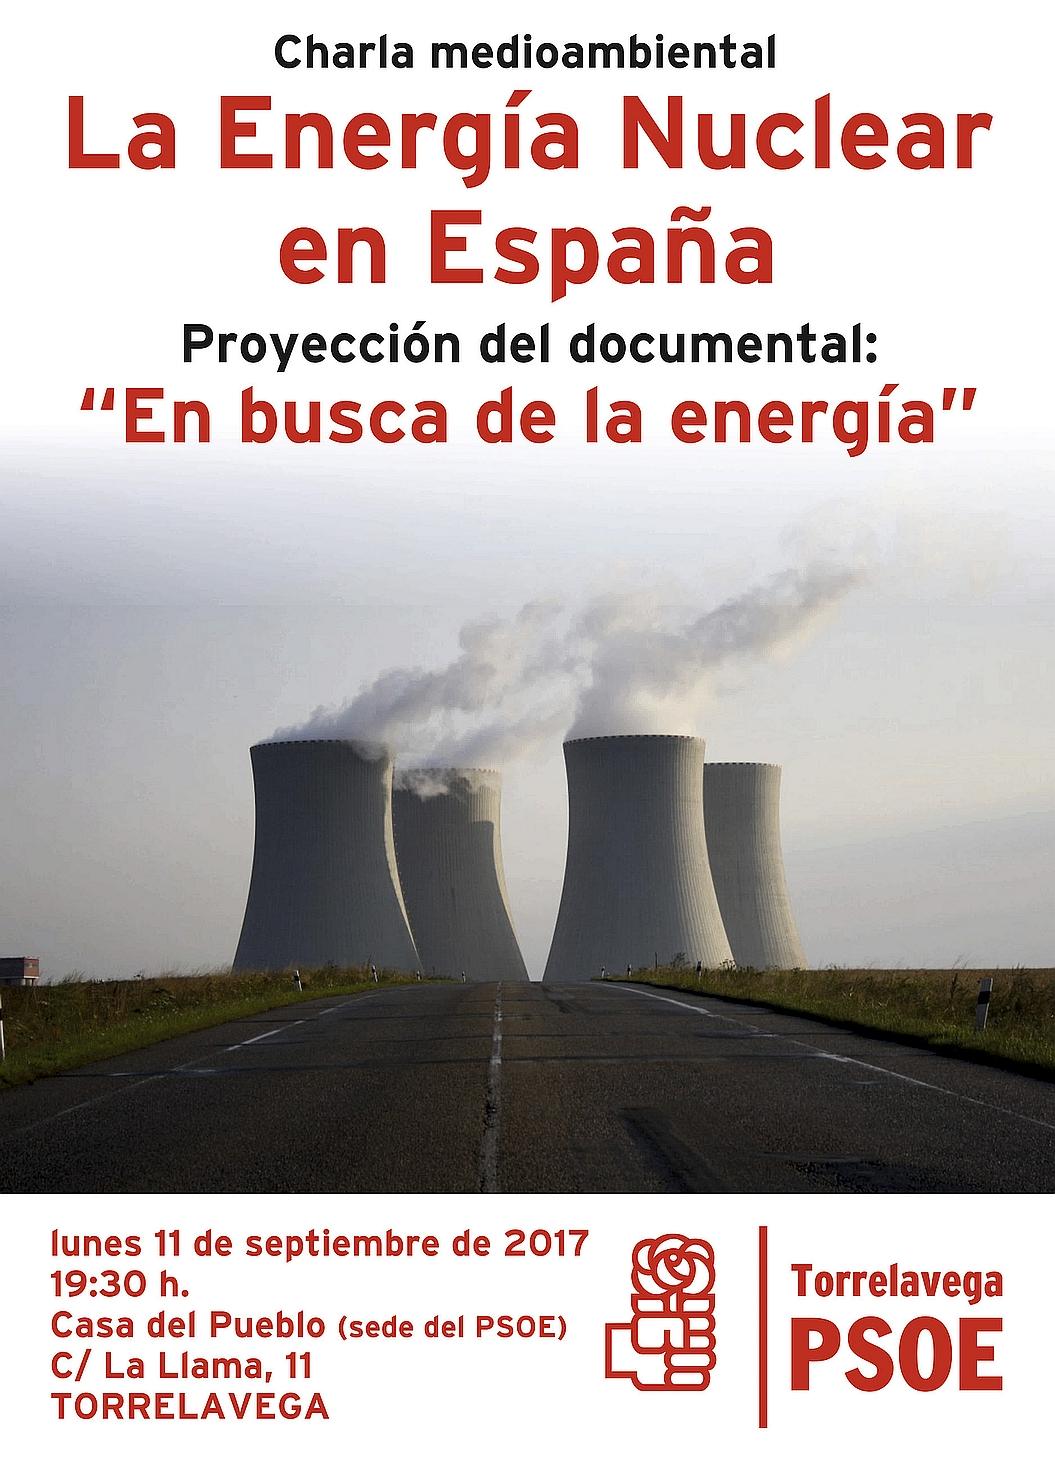 La Energía Nuclear a debate en la sede del PSOE de Torrelavega